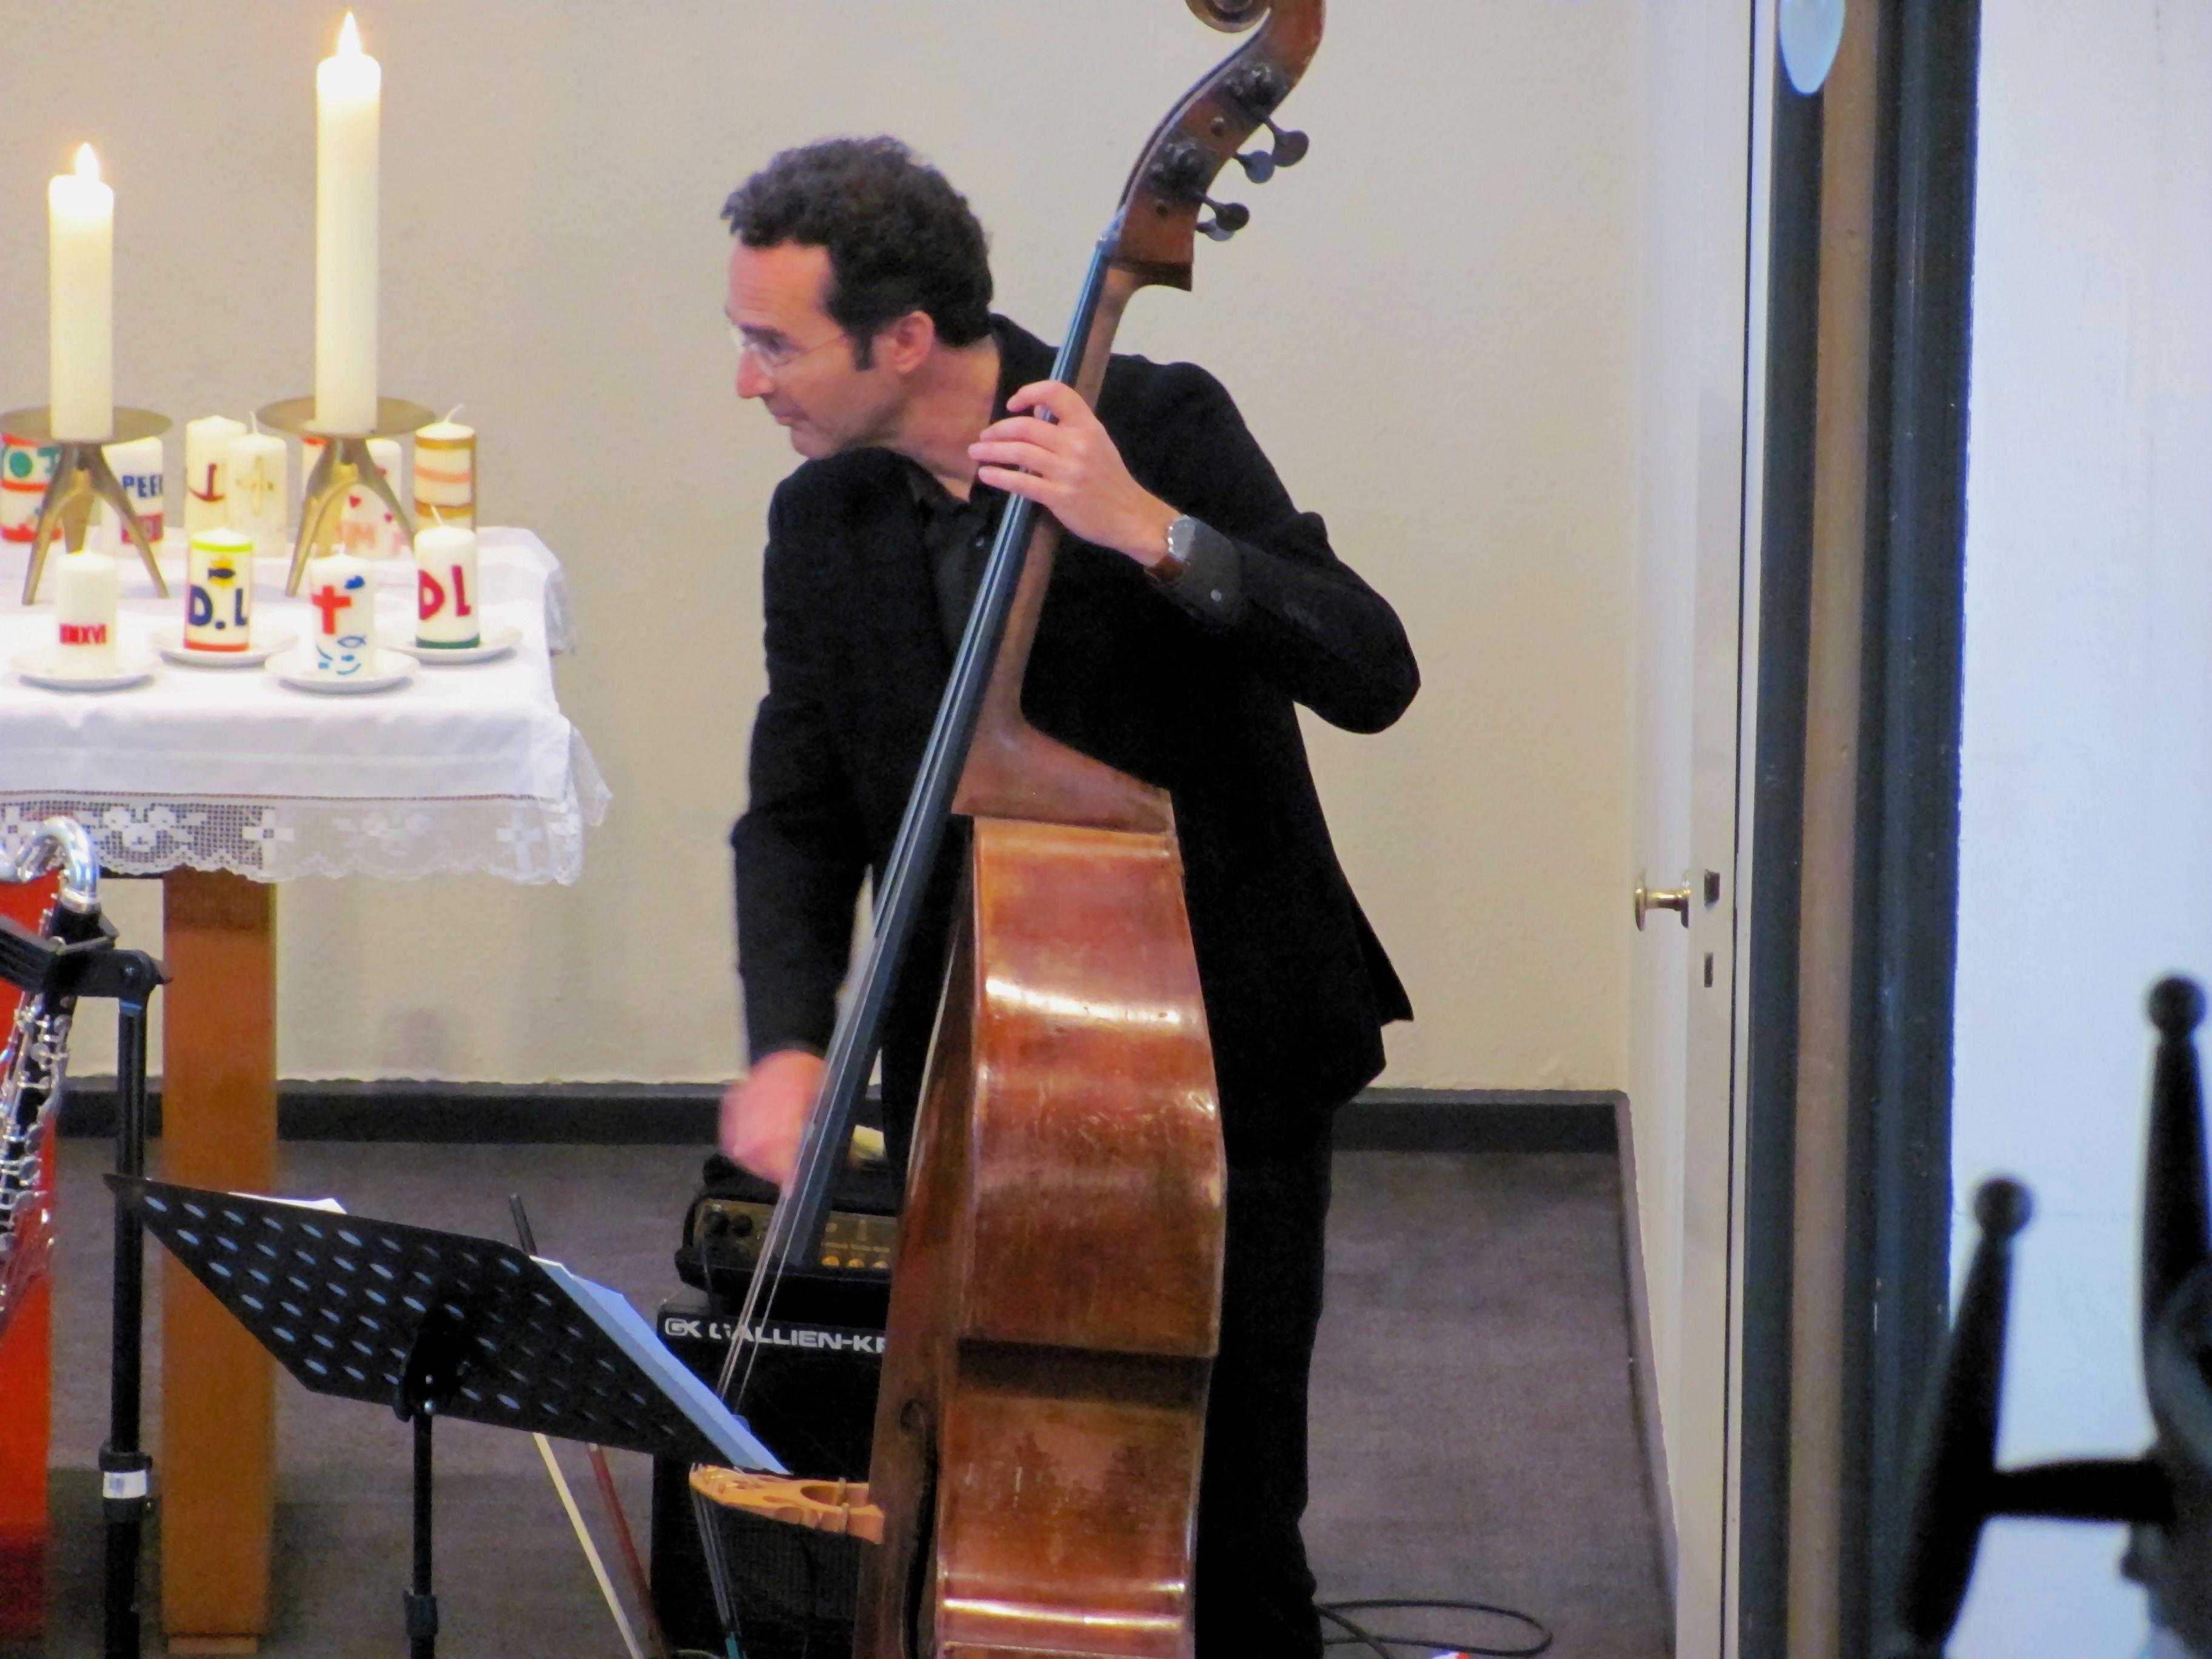 Joachim Roth